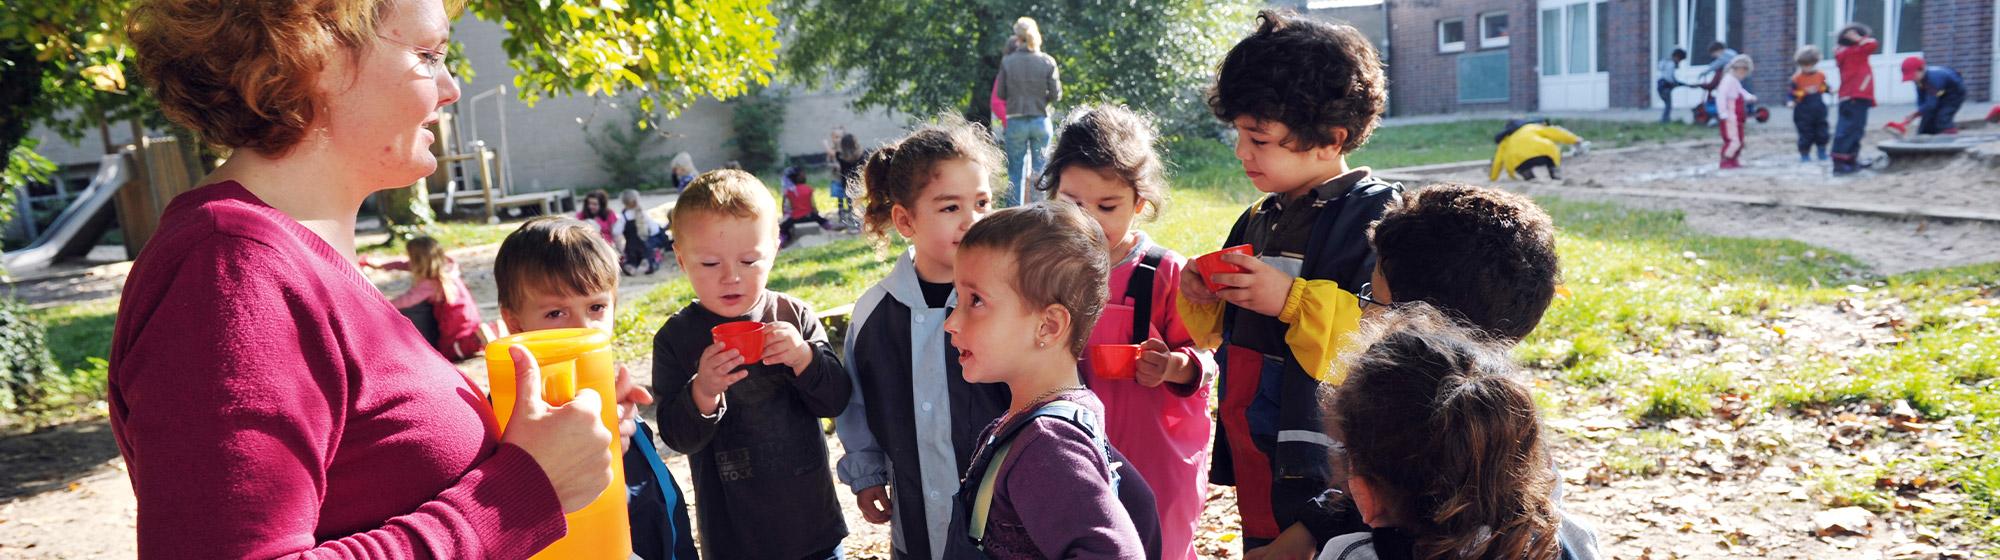 Kindergarten-Außengelände: Es ist gutes Wetter, die Sonne scheint. Im Vordergrund ist eine Erzieherin im Profil zu sehen, die eine Karaffe in der Hand hält. Um sie herum haben sich Kinder mit ihren Getränkebechern versammelt. Im Hintergrund sind weitere spielende Kinder und Erzieher:innen zu sehen.